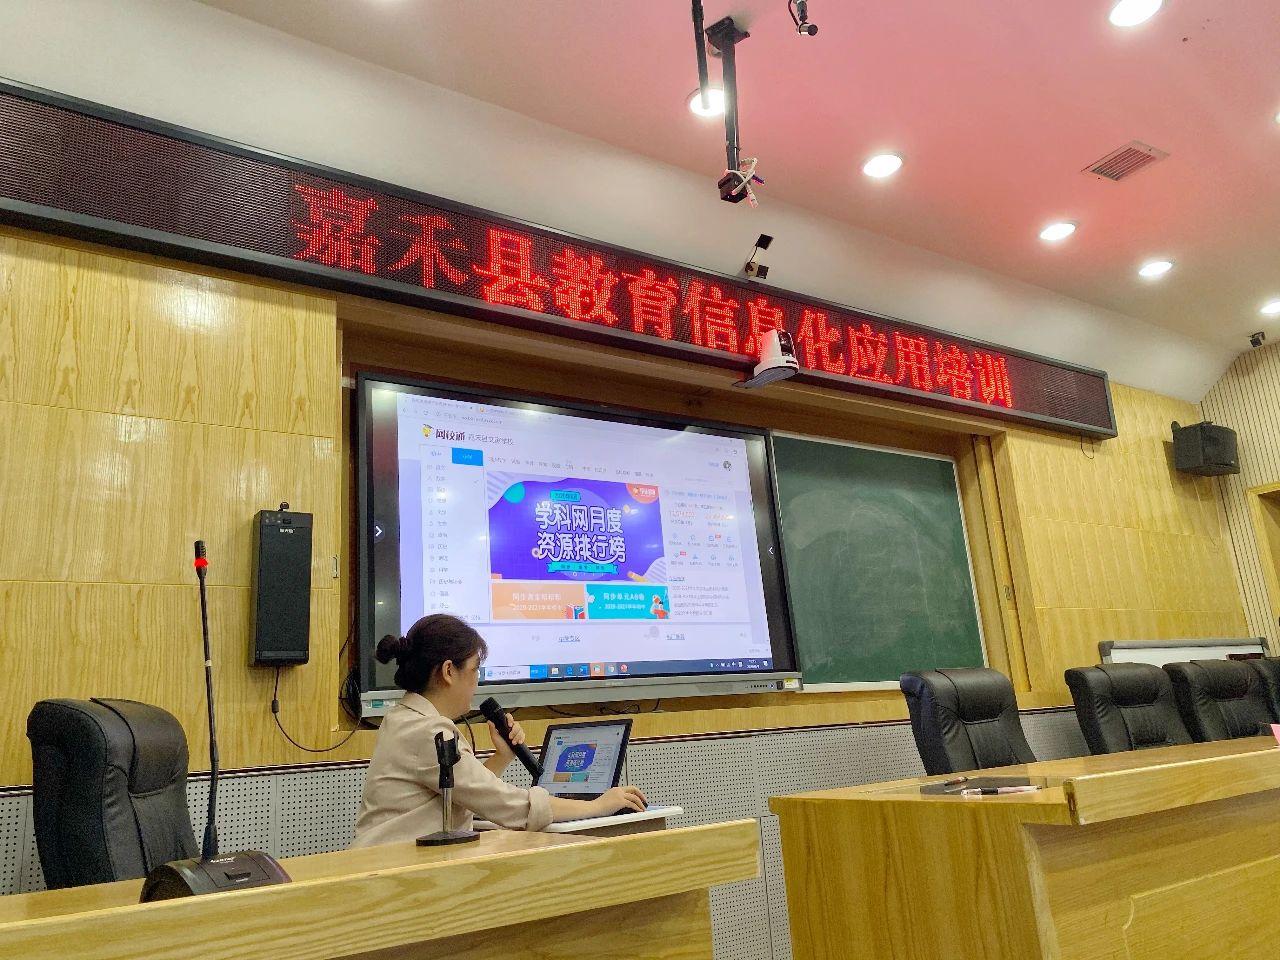 """嘉禾县教育局携手学科网共同解决教育信息化应用""""最后一公里""""难题"""